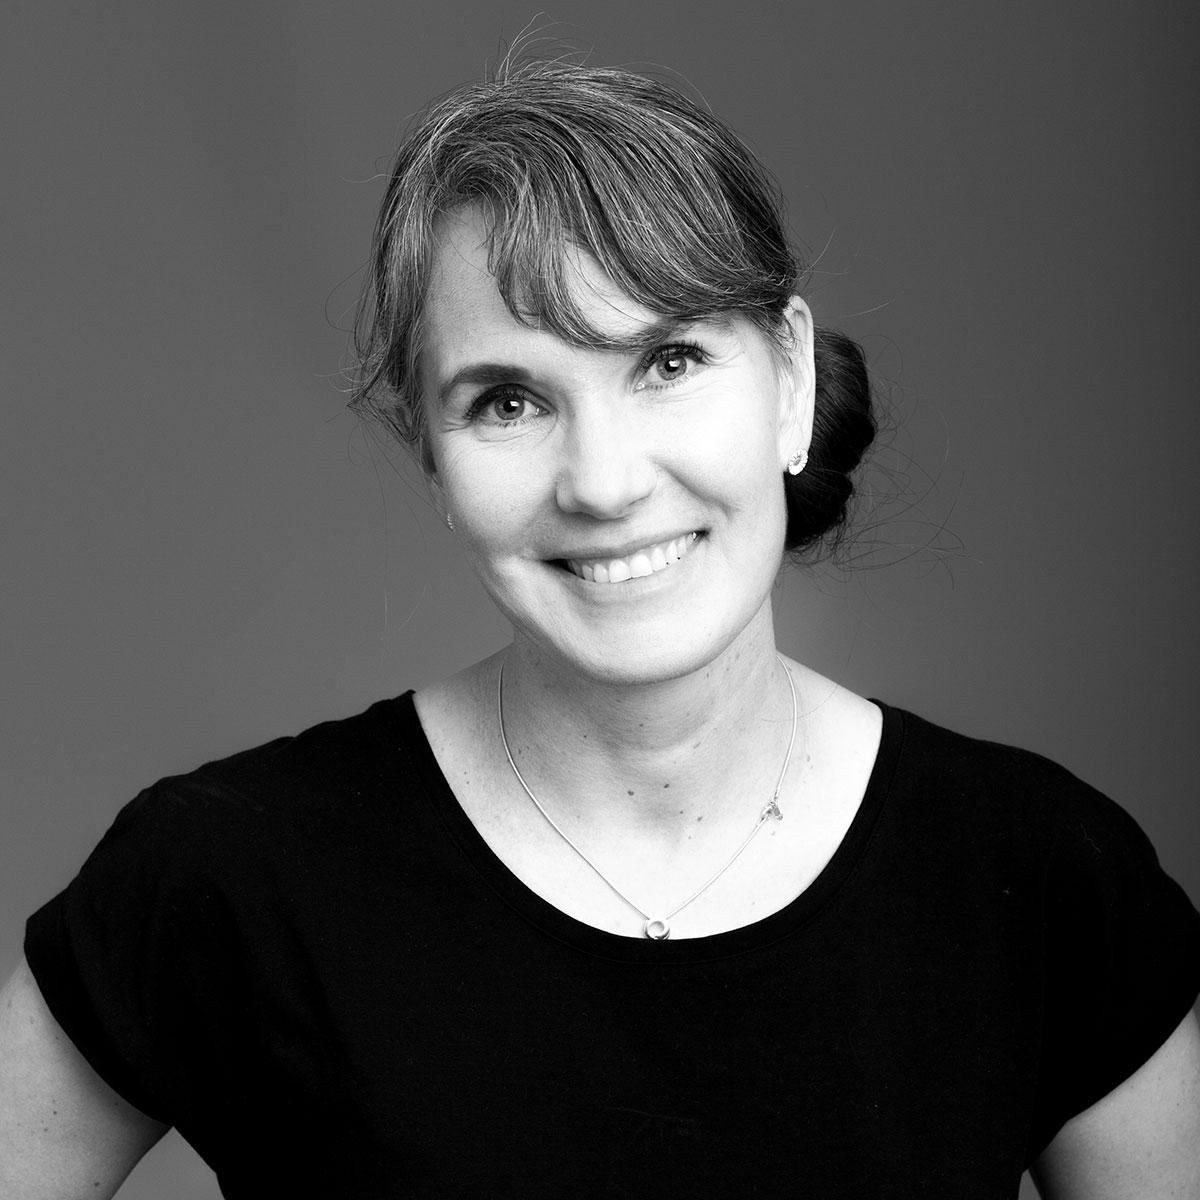 Marianne Hylbak